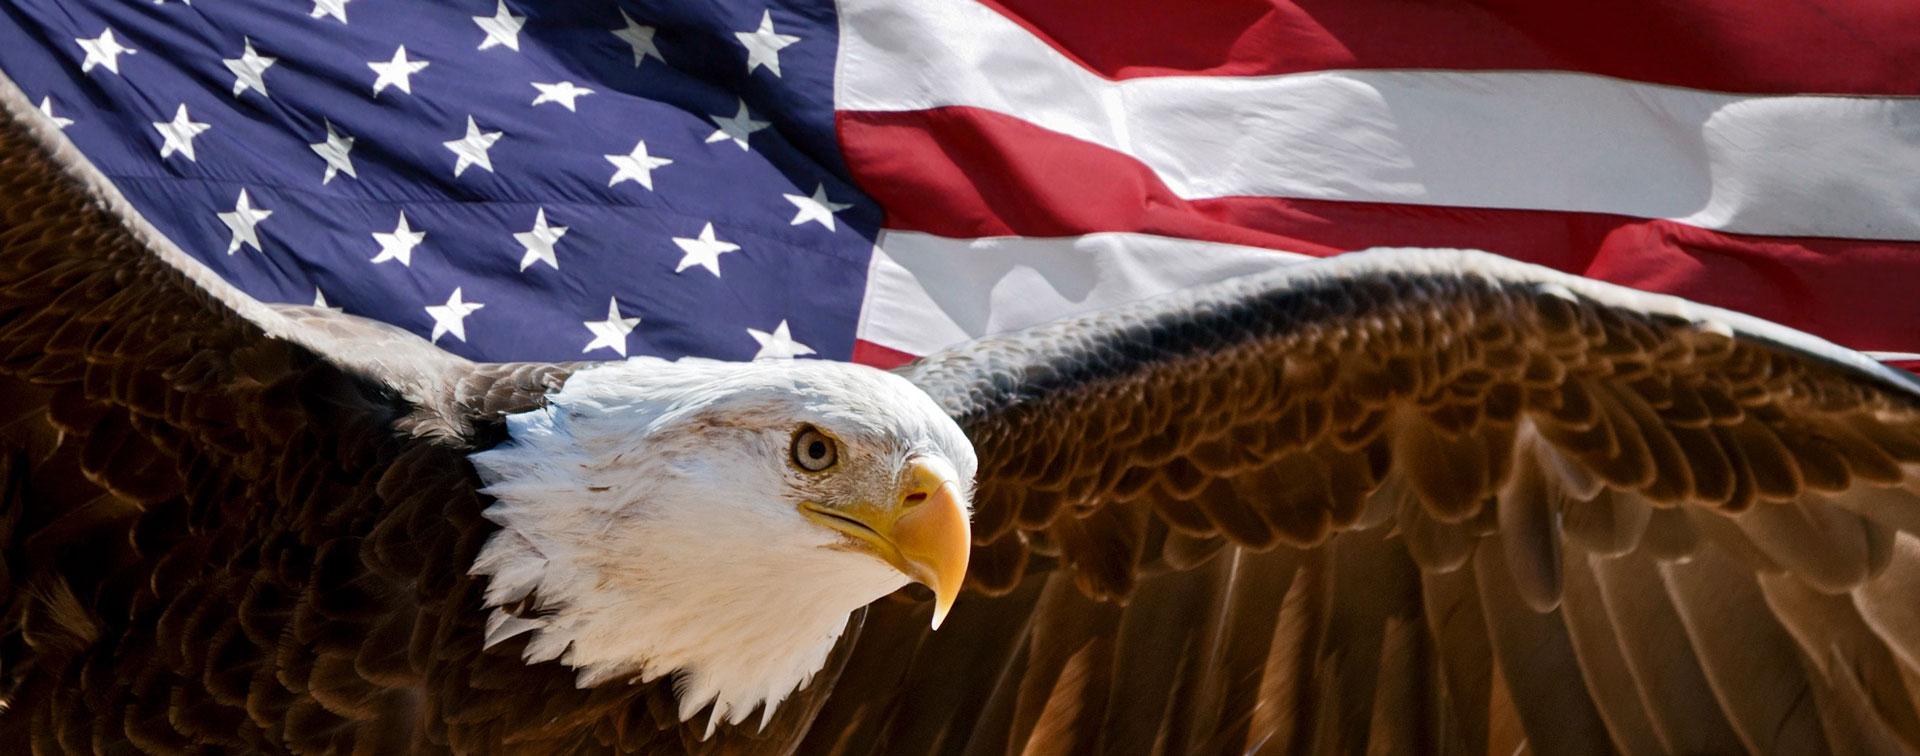 Stany Zjednoczone: utrzymać przywództwo